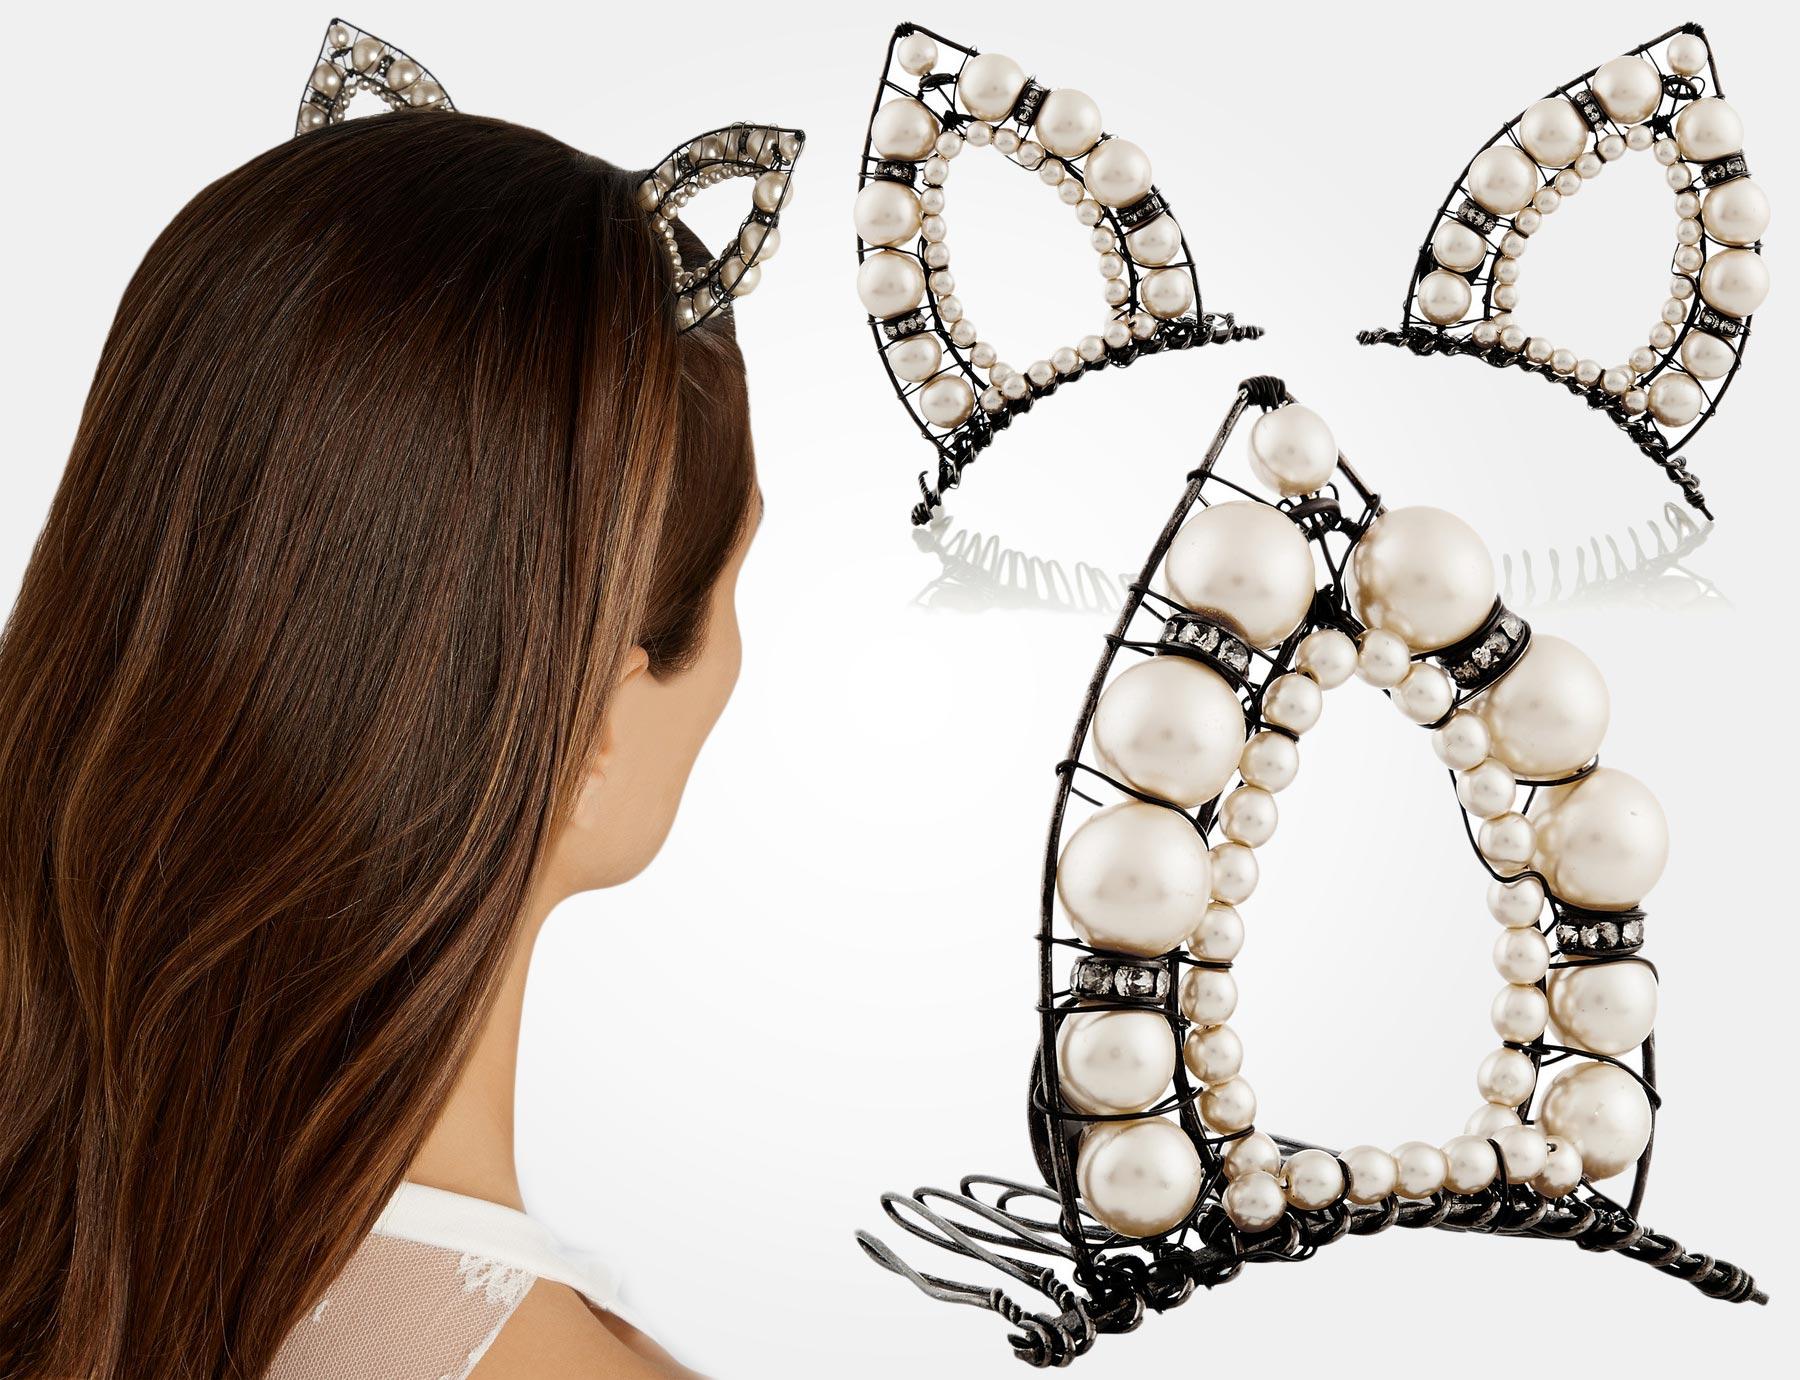 Vlasové doplňky, které mohou váš běžný krátký účes proměnit na plesový účes pro krátké vlasy, se nebojí být extravagantní, svádět, ani být vynalézavé.